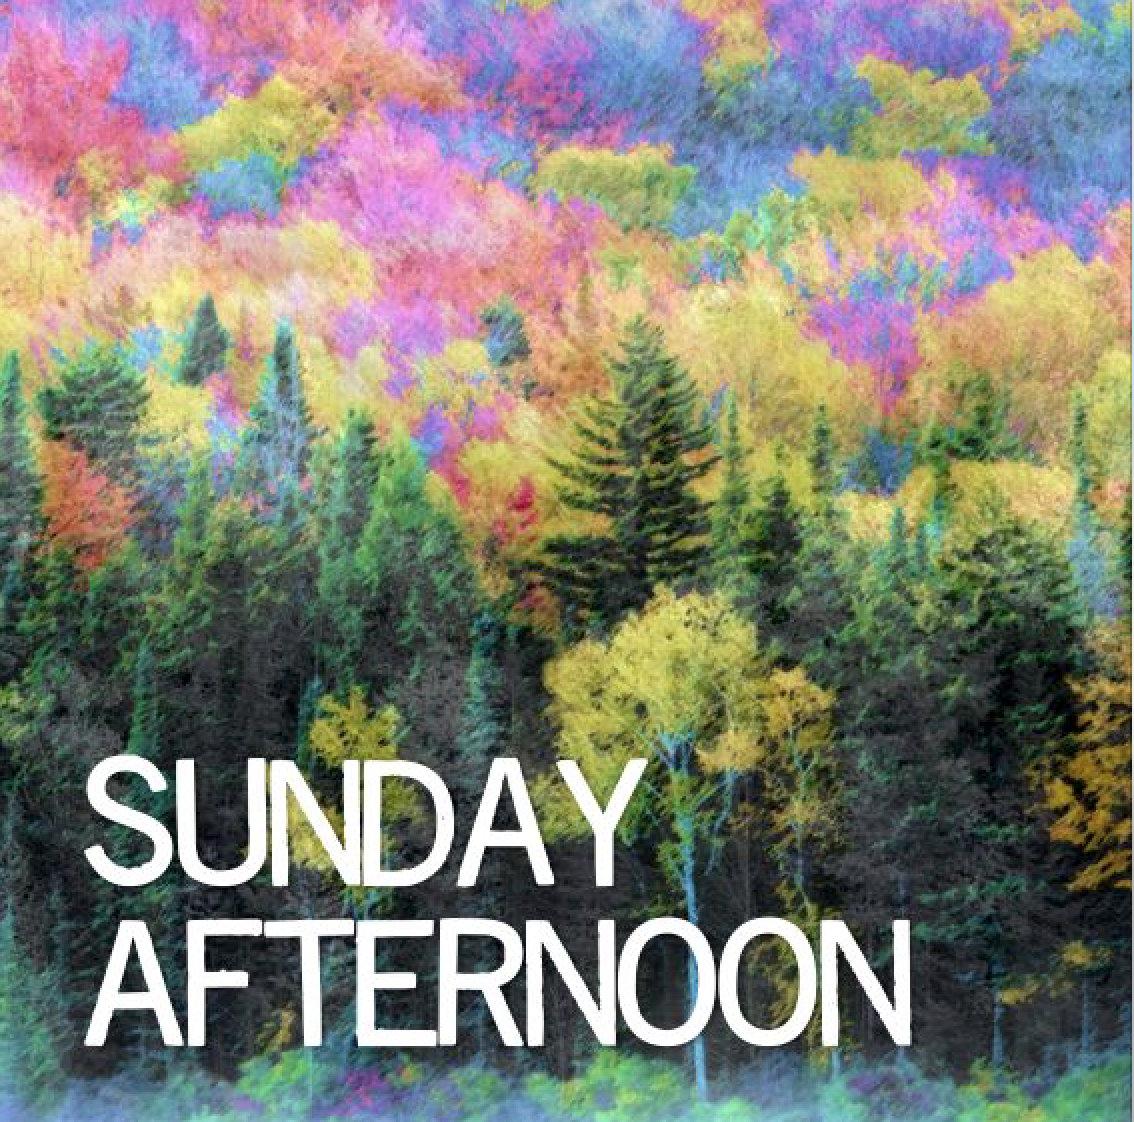 Bildergebnis für sunday afternoon bilder